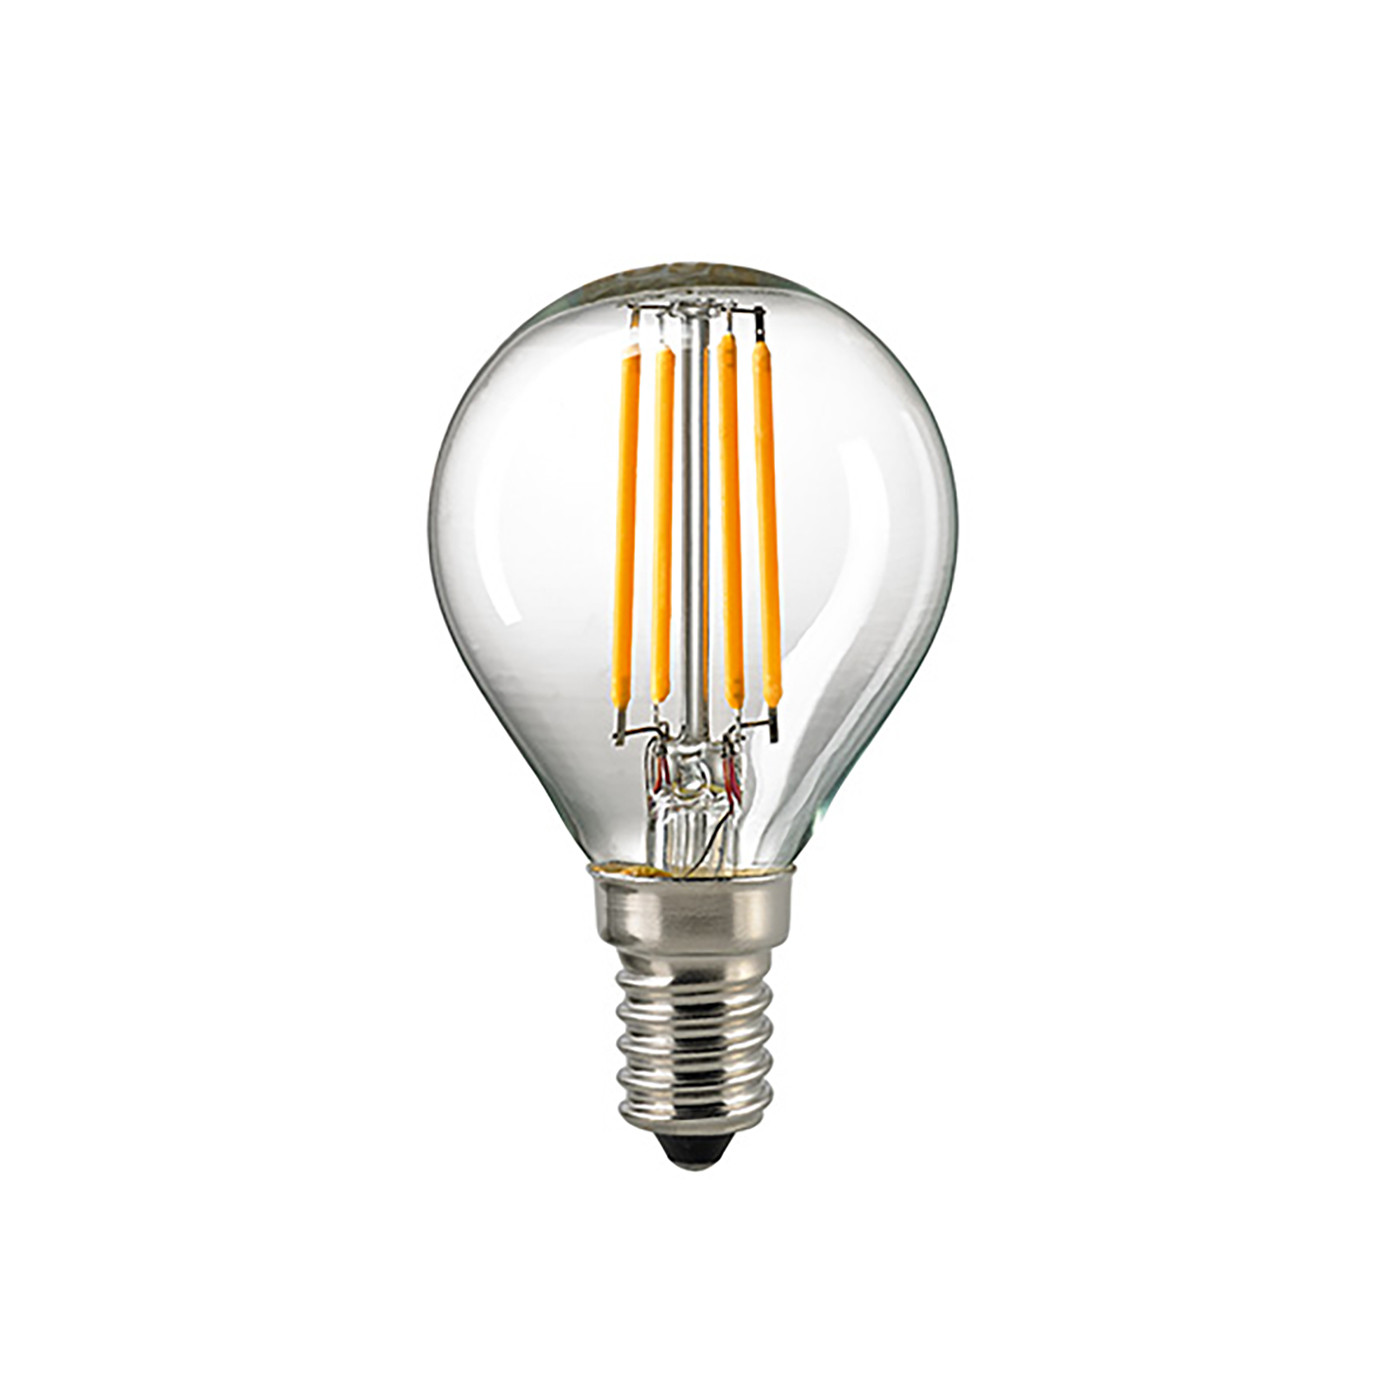 Sigor LED filament lustre lamp P45 2,5W 2700K 230V E14 clear